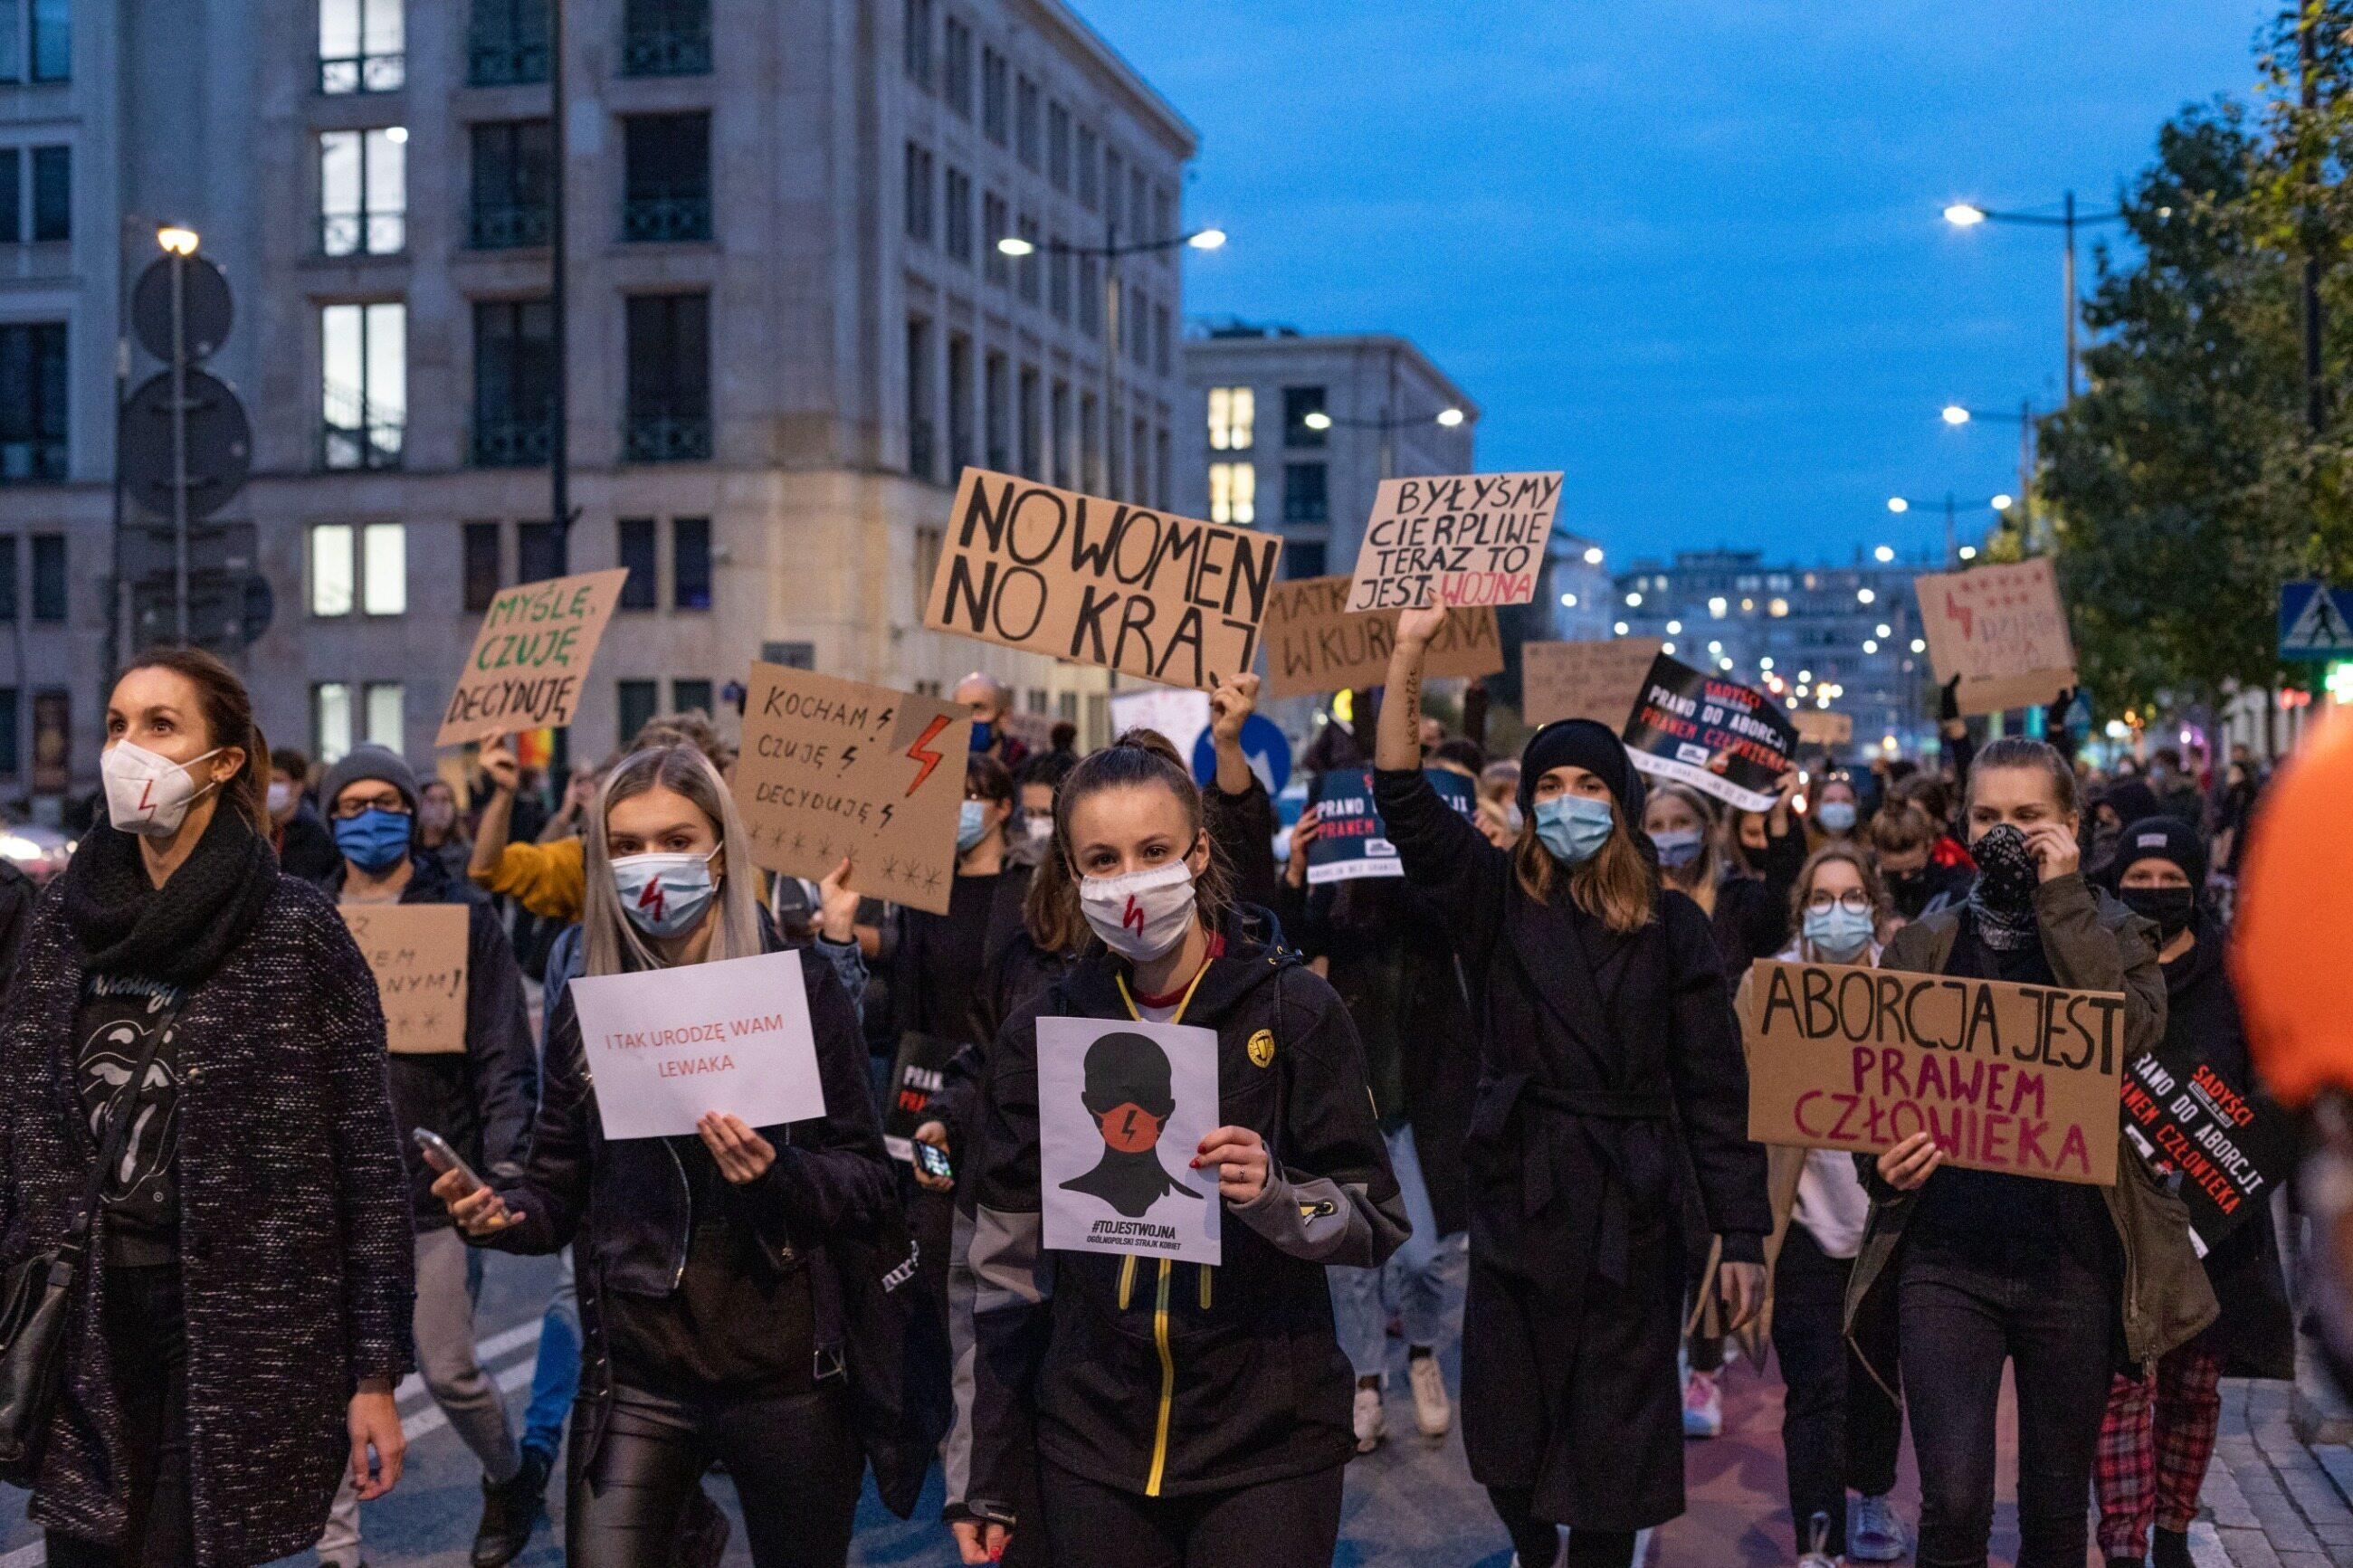 Warszawa. Protest ws. zaostrzenia prawa aborcyjnego